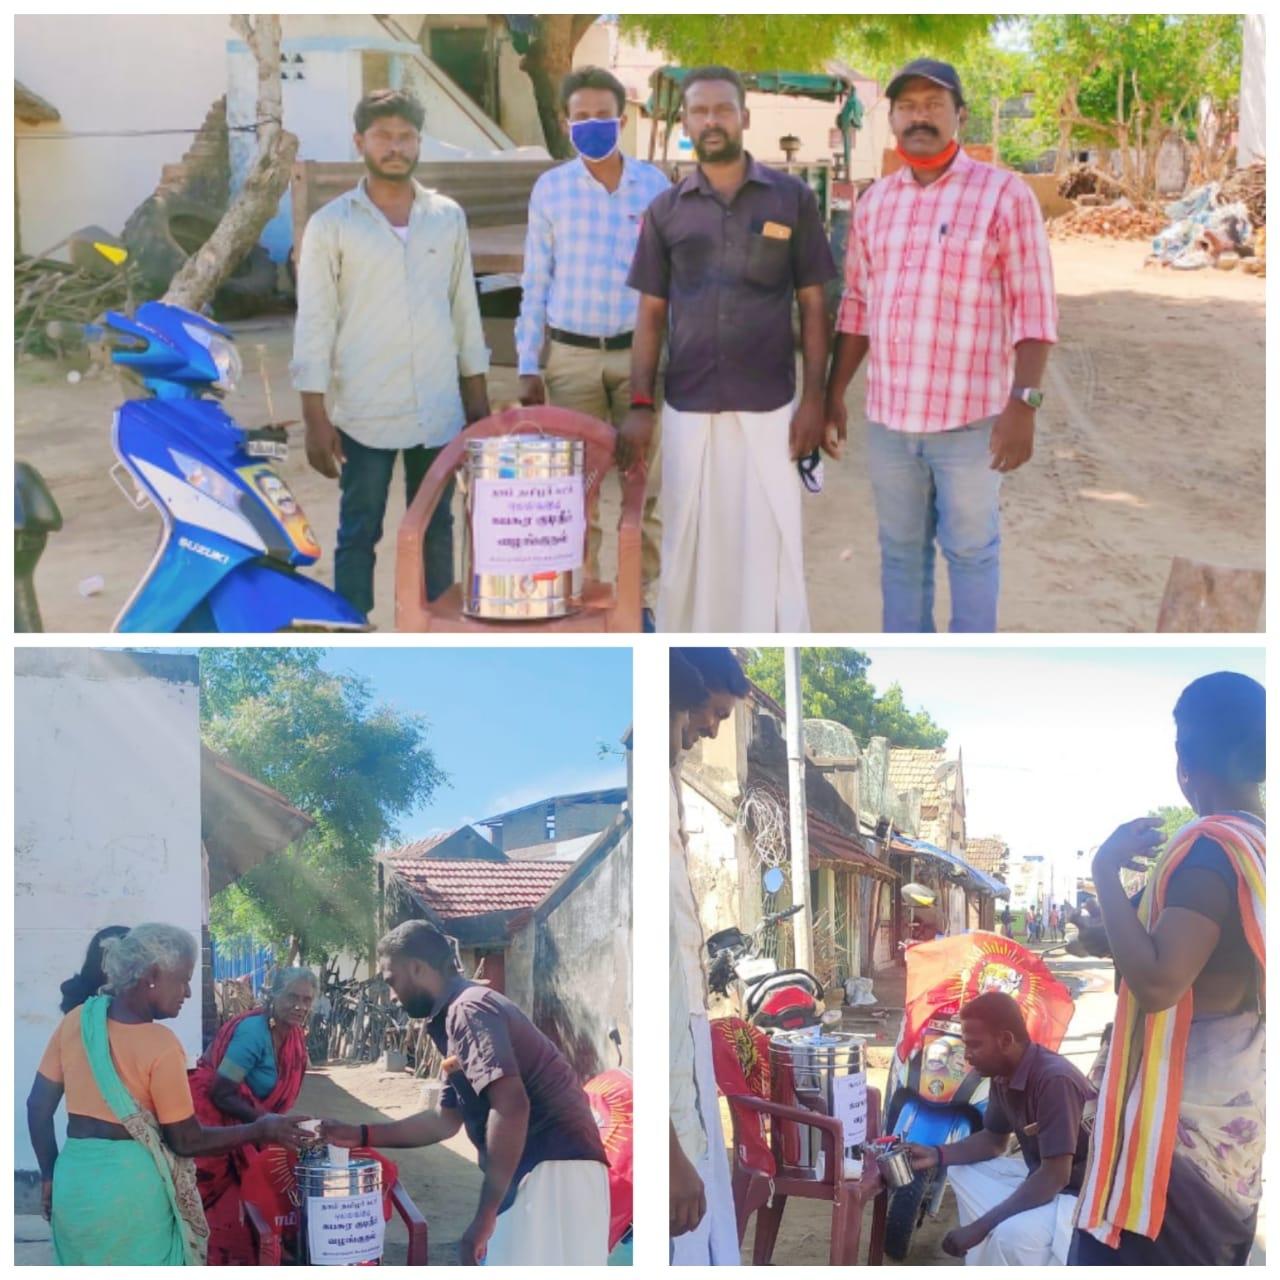 சுற்றறிக்கை: மாநிலக் கட்டமைப்புக் குழு தலைமையில் நாமக்கல் மாவட்ட இணையவழி கலந்தாய்வு